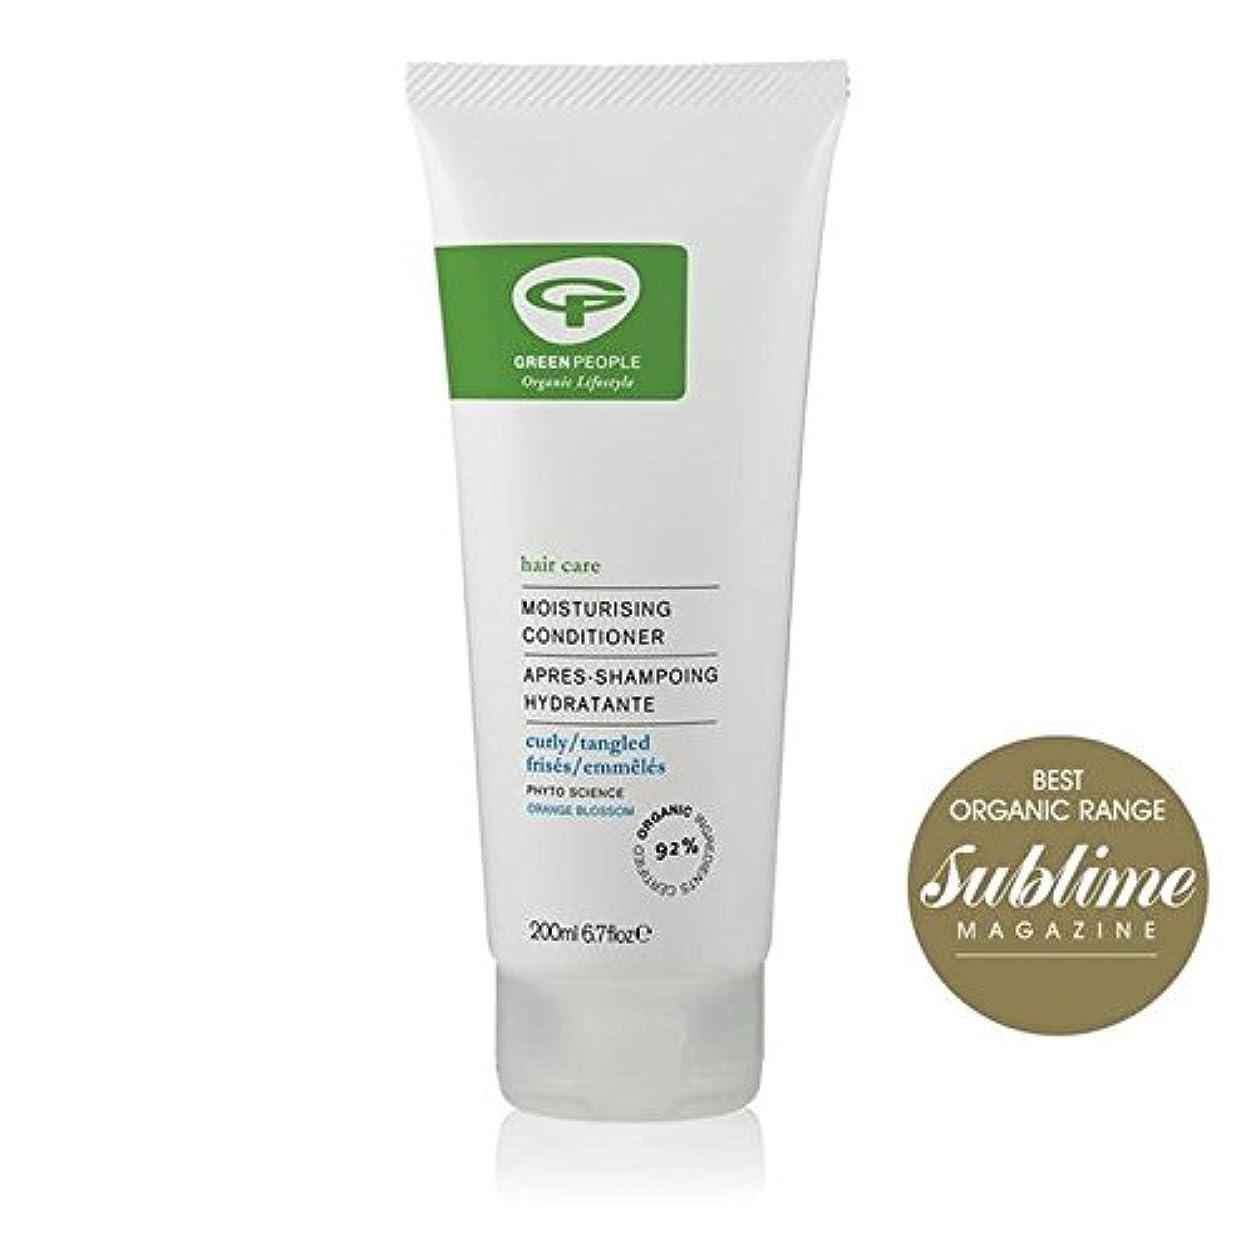 暴君植物の設計緑の人々の有機保湿コンディショナー200 x2 - Green People Organic Moisturising Conditioner 200ml (Pack of 2) [並行輸入品]